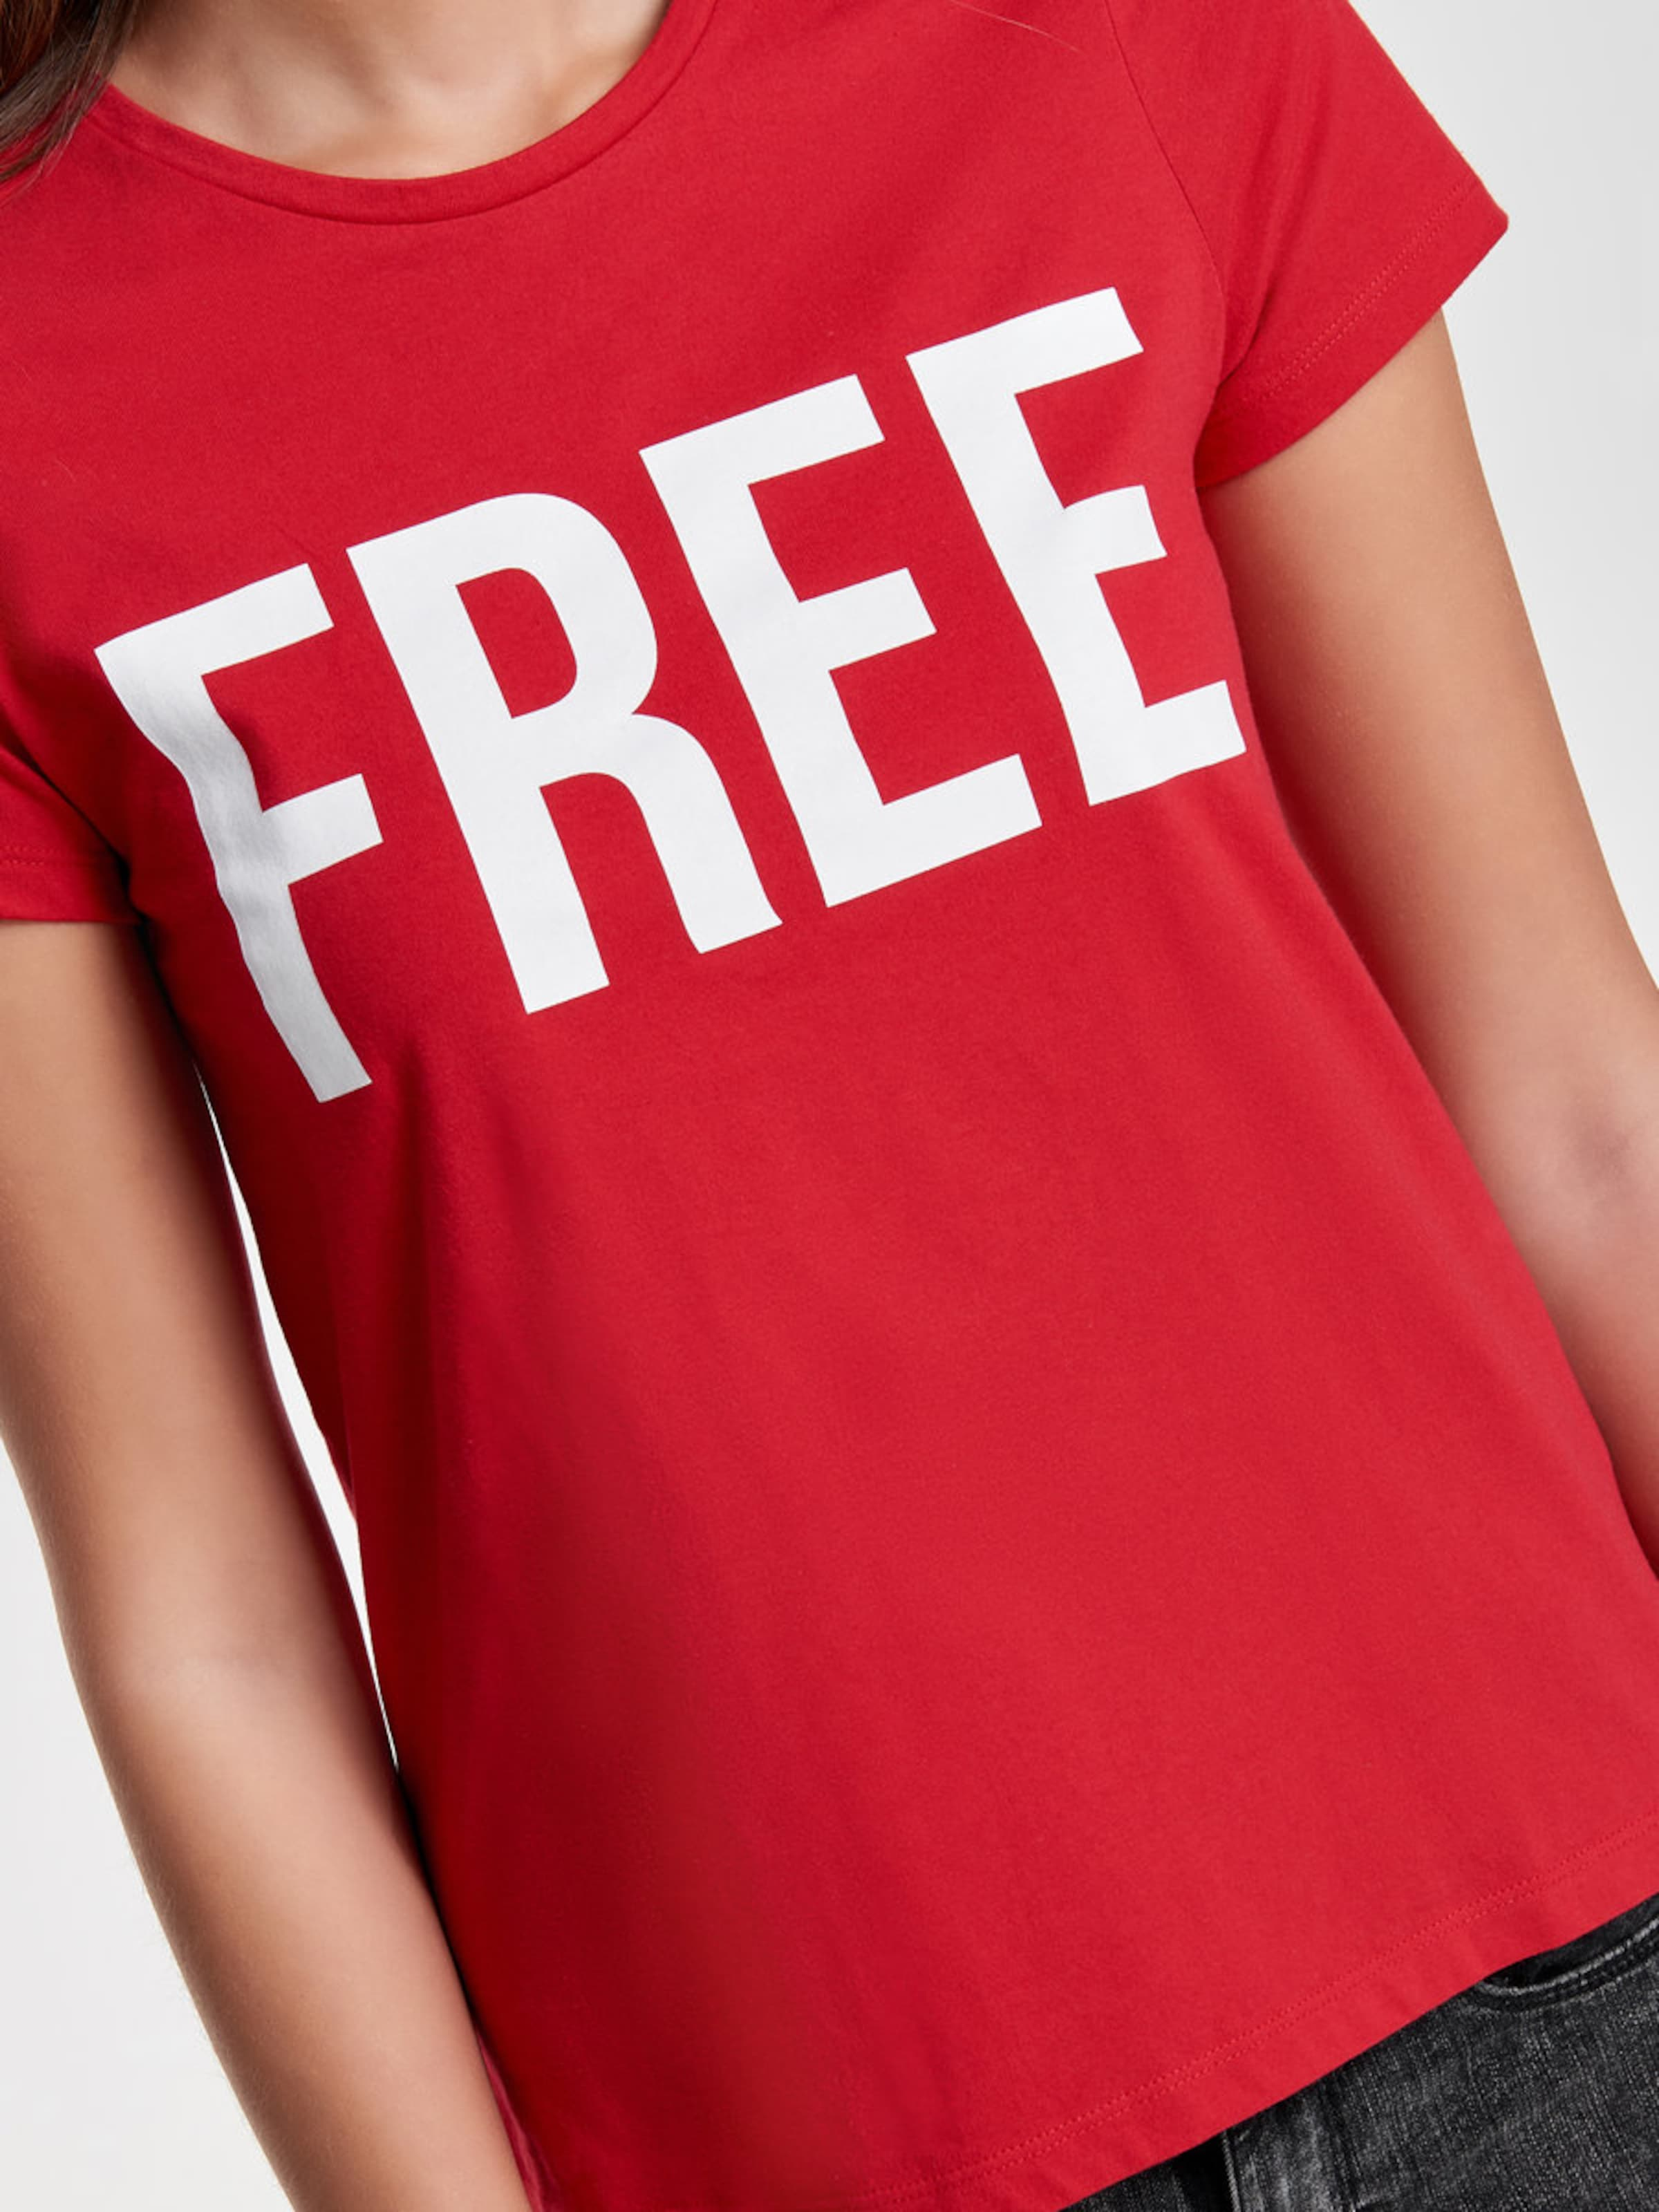 Erhalten Authentisch Günstig Online ONLY T-Shirt 'RIVA' Rabatt Bester Platz Nicekicks Online Rabatt Limitierte Auflage 8j73dG